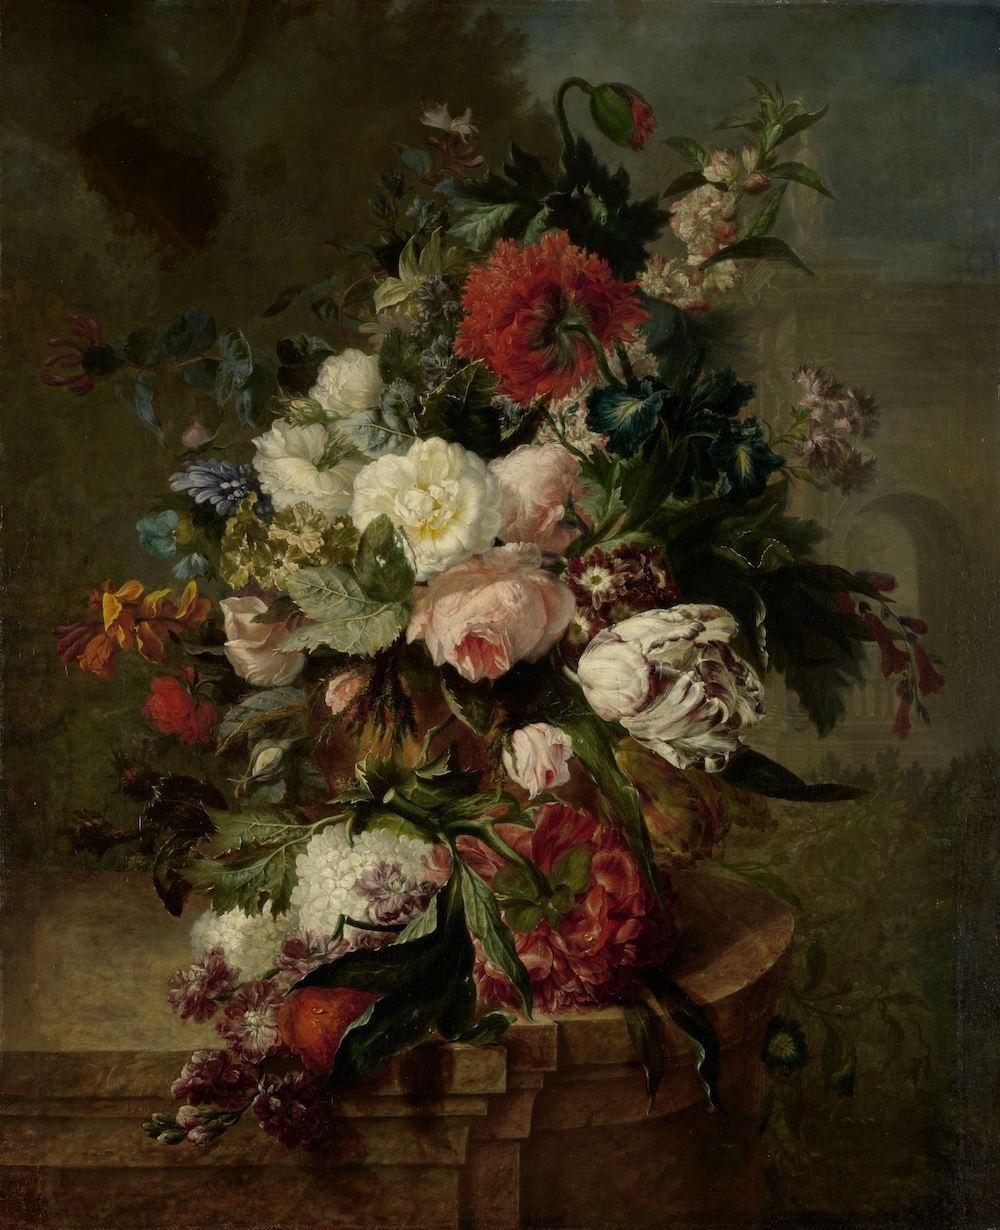 Harmanus Uppink - Stilleven met bloemen 60x90cm, Rijksmuseum, print op canvas, premium print, oude m